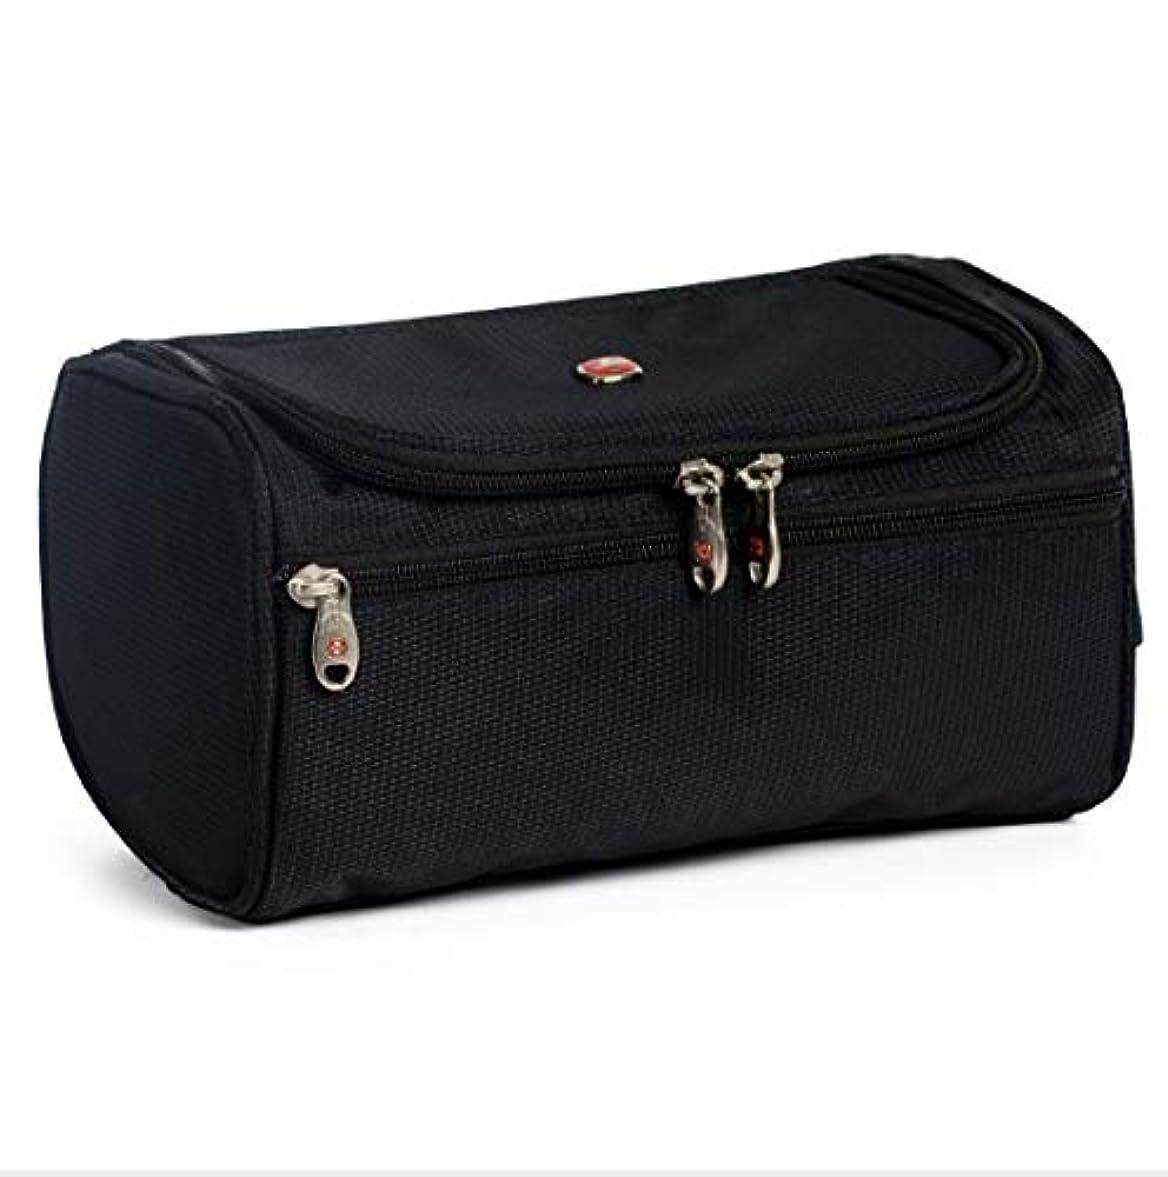 シダ悲しむアイロニー美容バッグ、ポータブルトラベルバッグキット、ポータブル収納オーガナイザー、メンズウォッシュバッグ